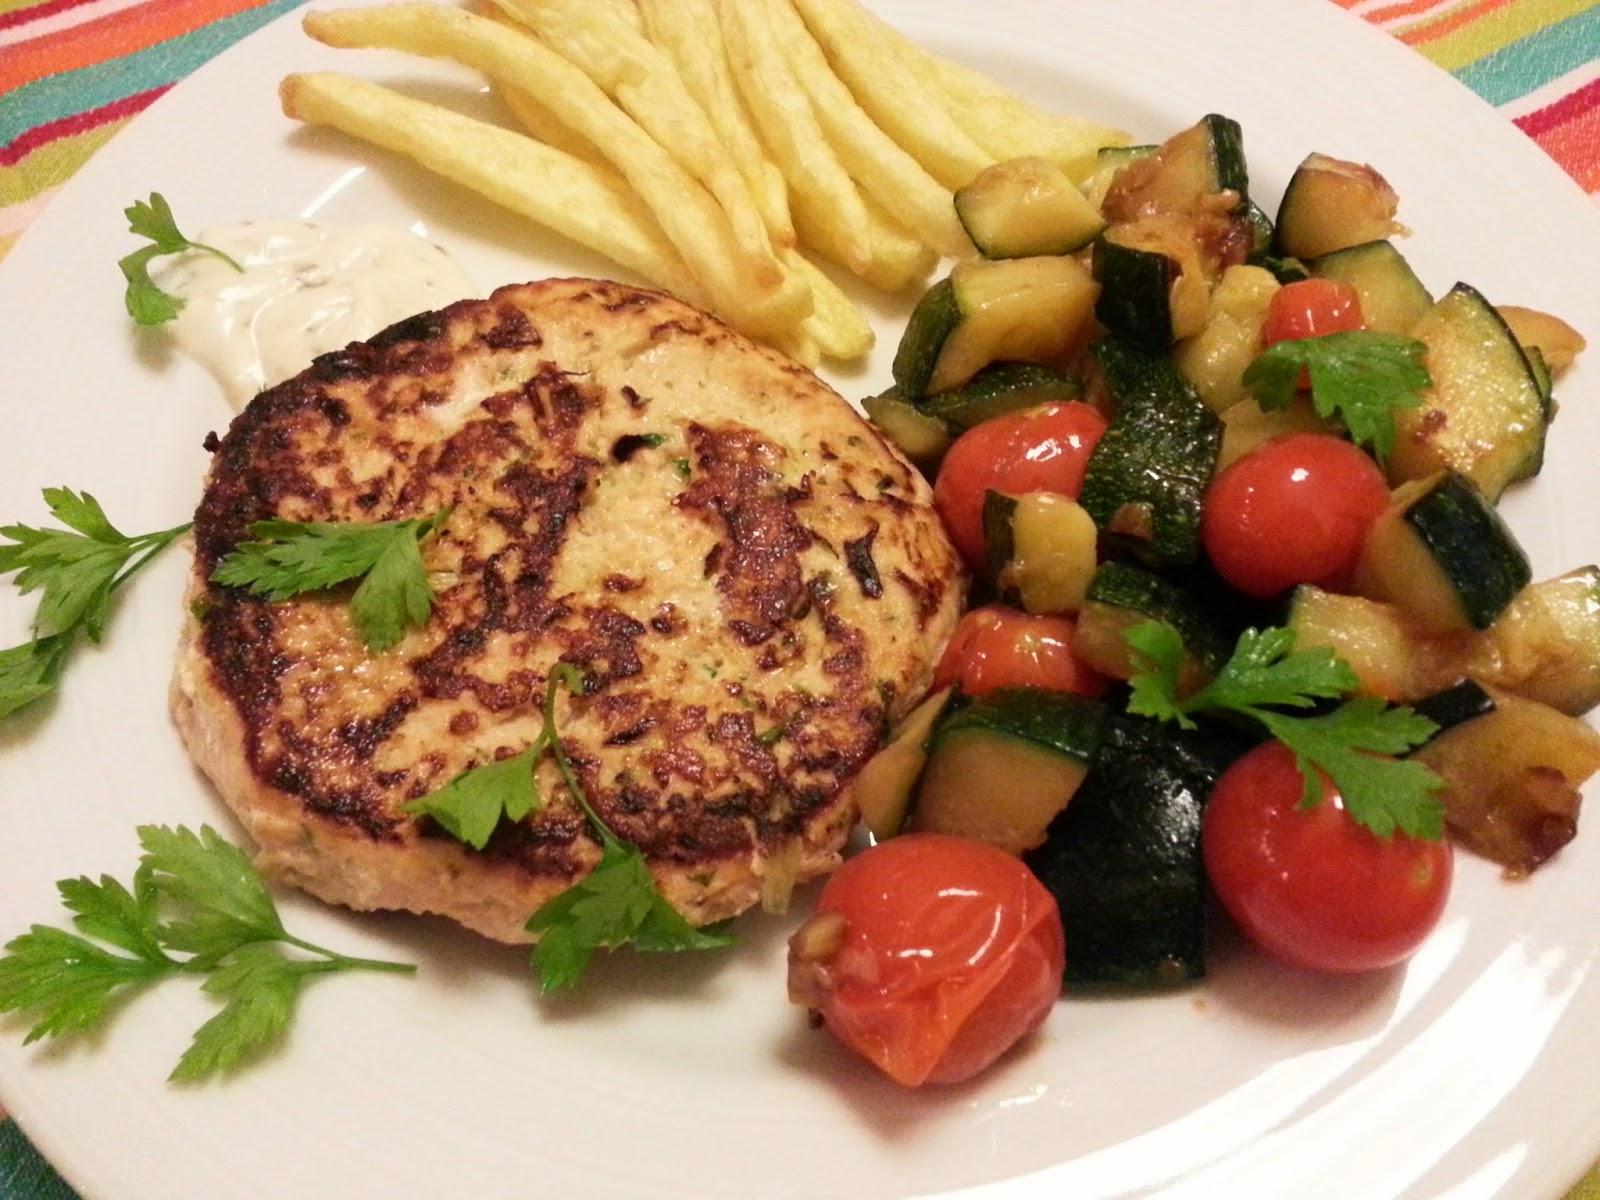 Hamburguer de salmão com courgette salteada e chips